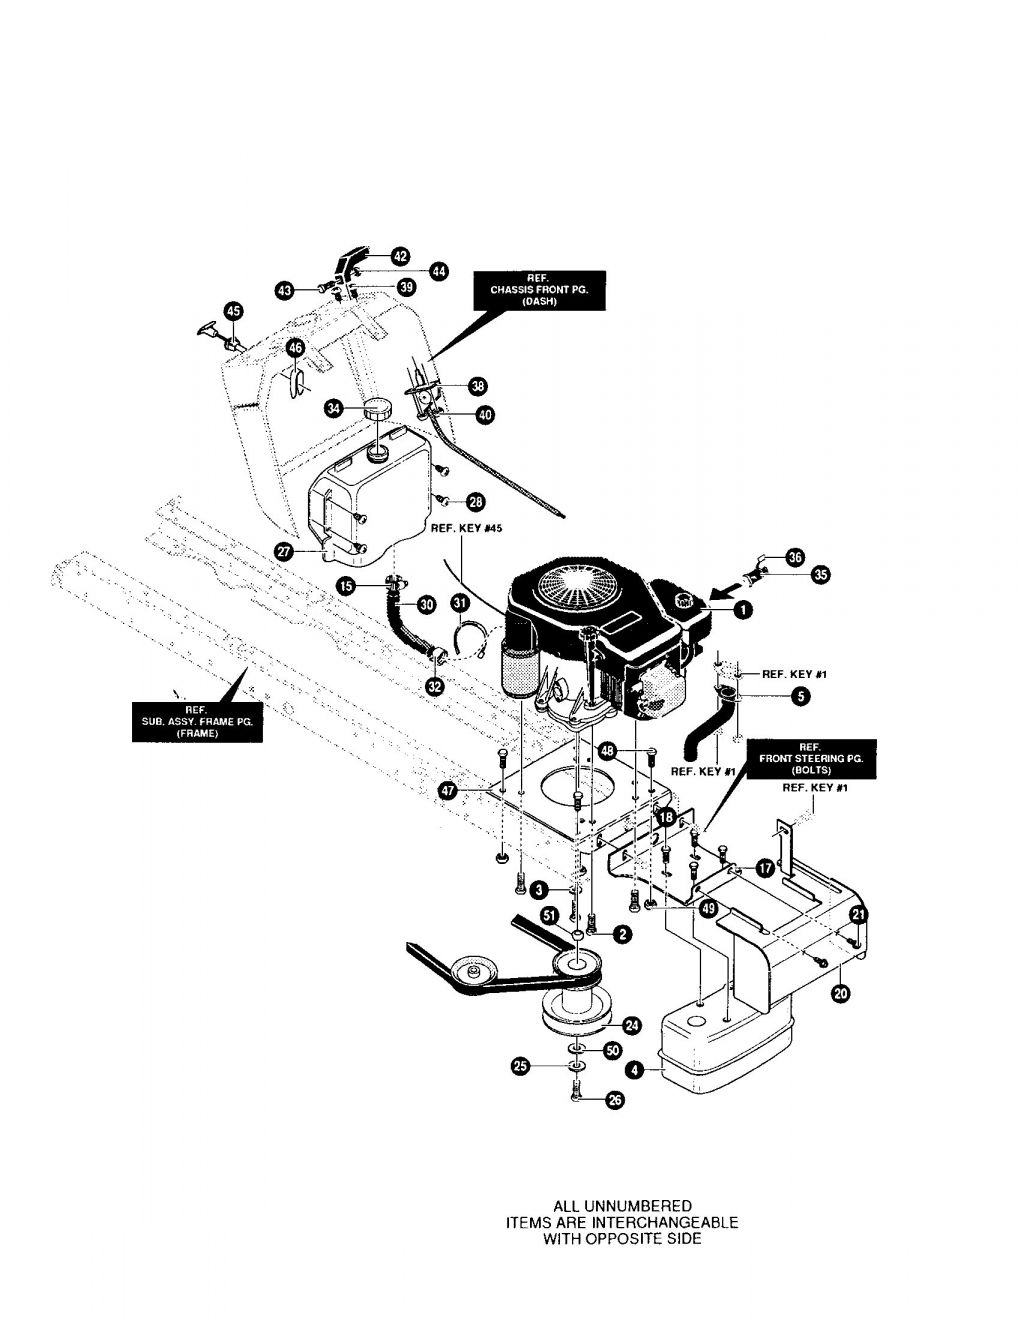 15 Wiring Diagram For Lawn Mower Kohler Engine Engine Diagram Wiringg Net Kohler Engine Parts Kohler Engines Kohler